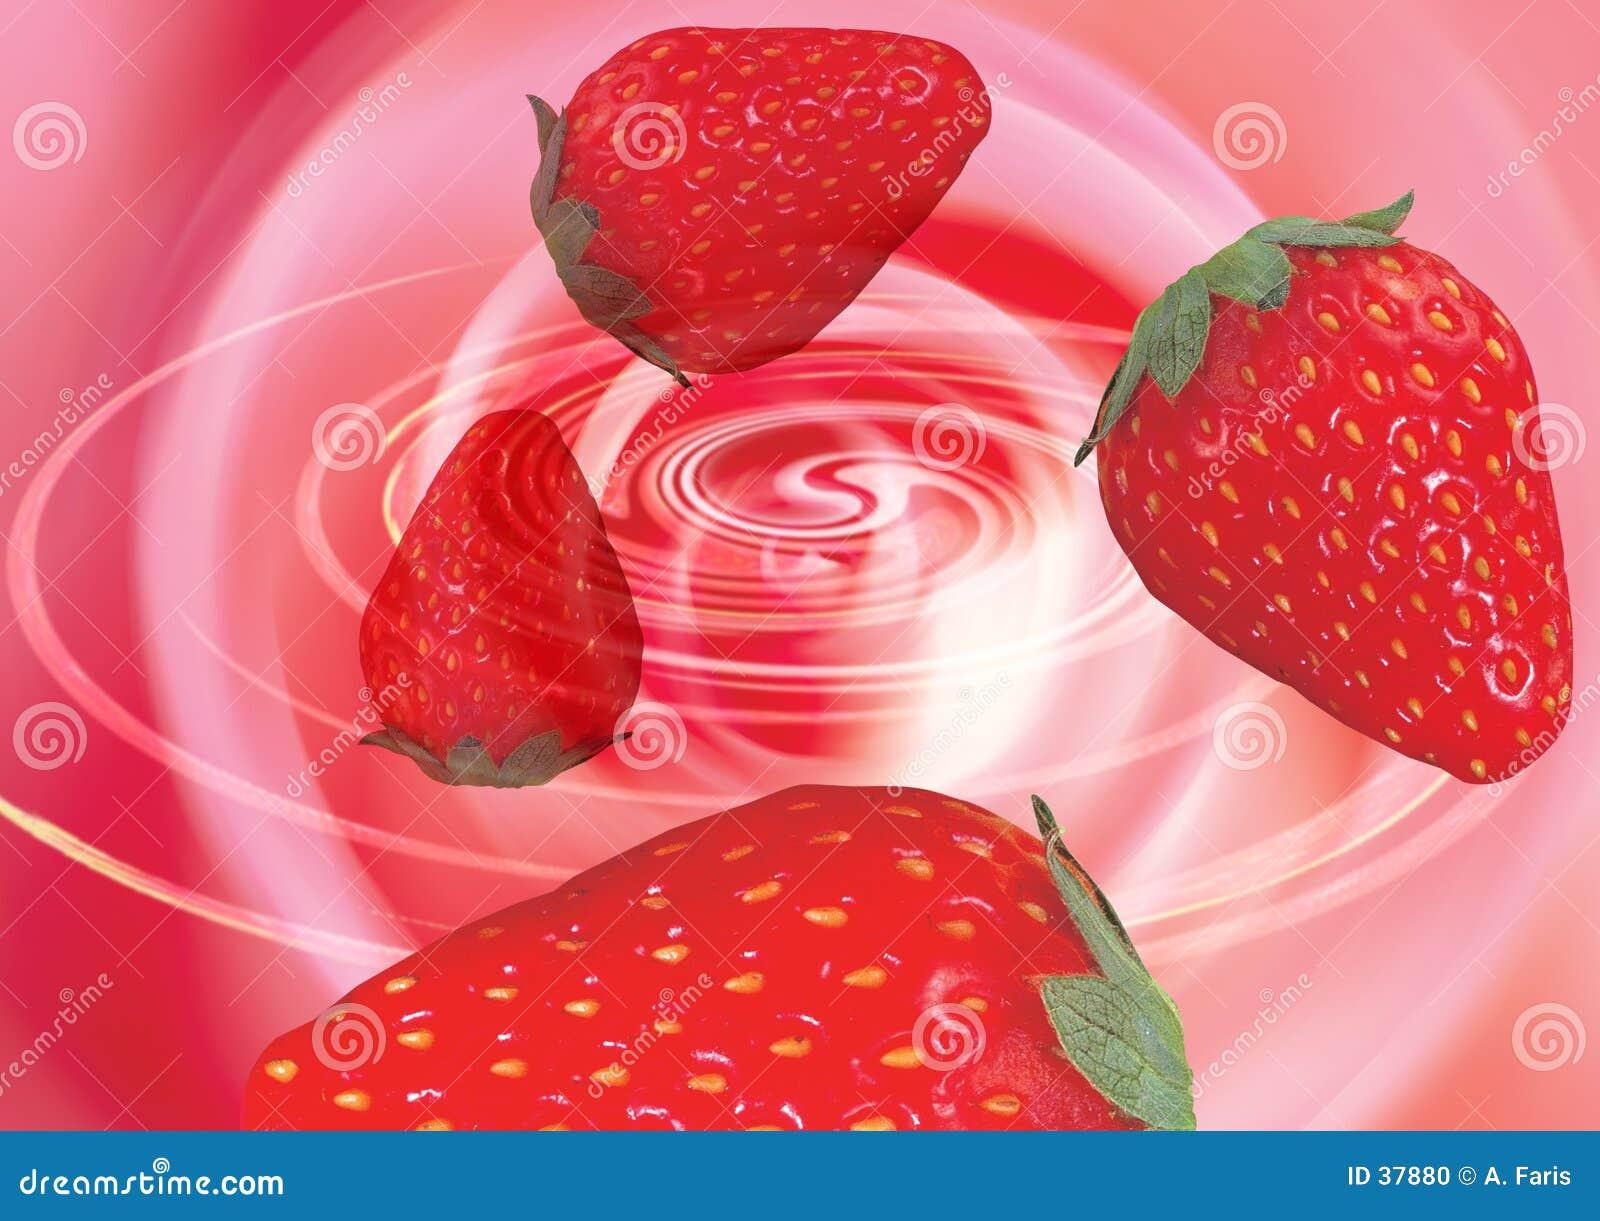 Download Fresas en un torbellino stock de ilustración. Ilustración de plato - 37880